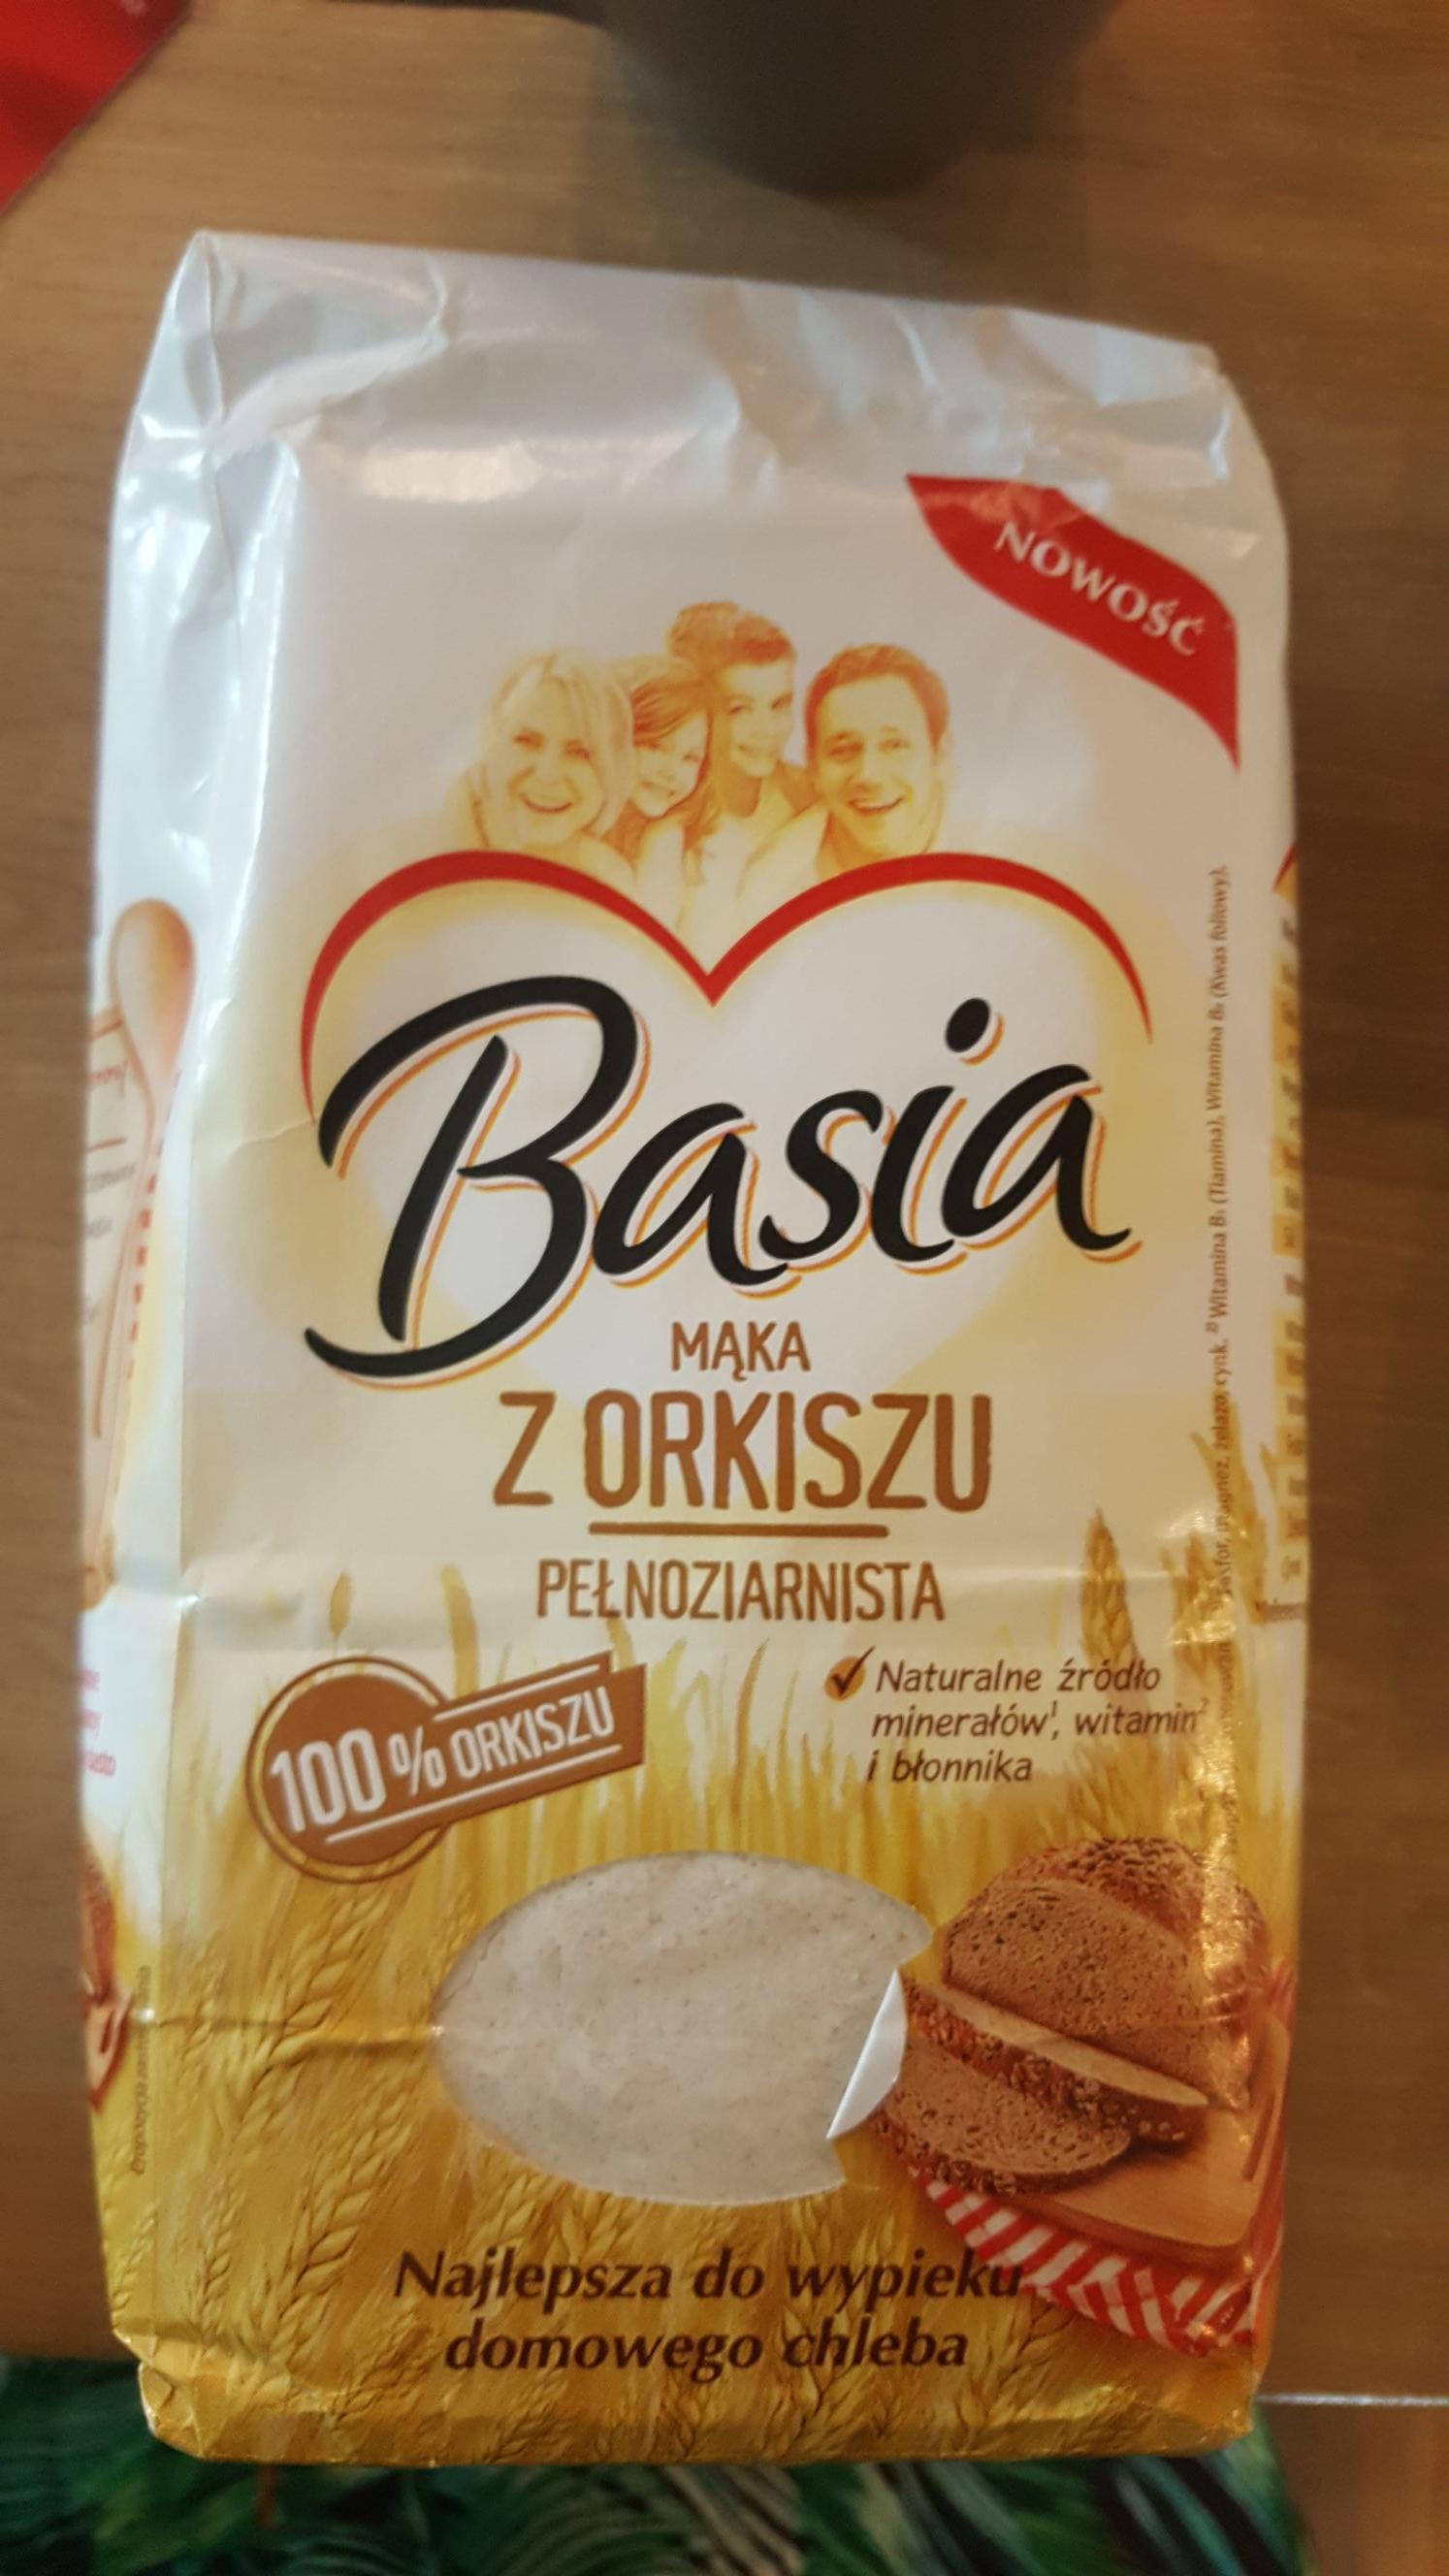 Mąka pełnoziarnista z orkiszu biedronka